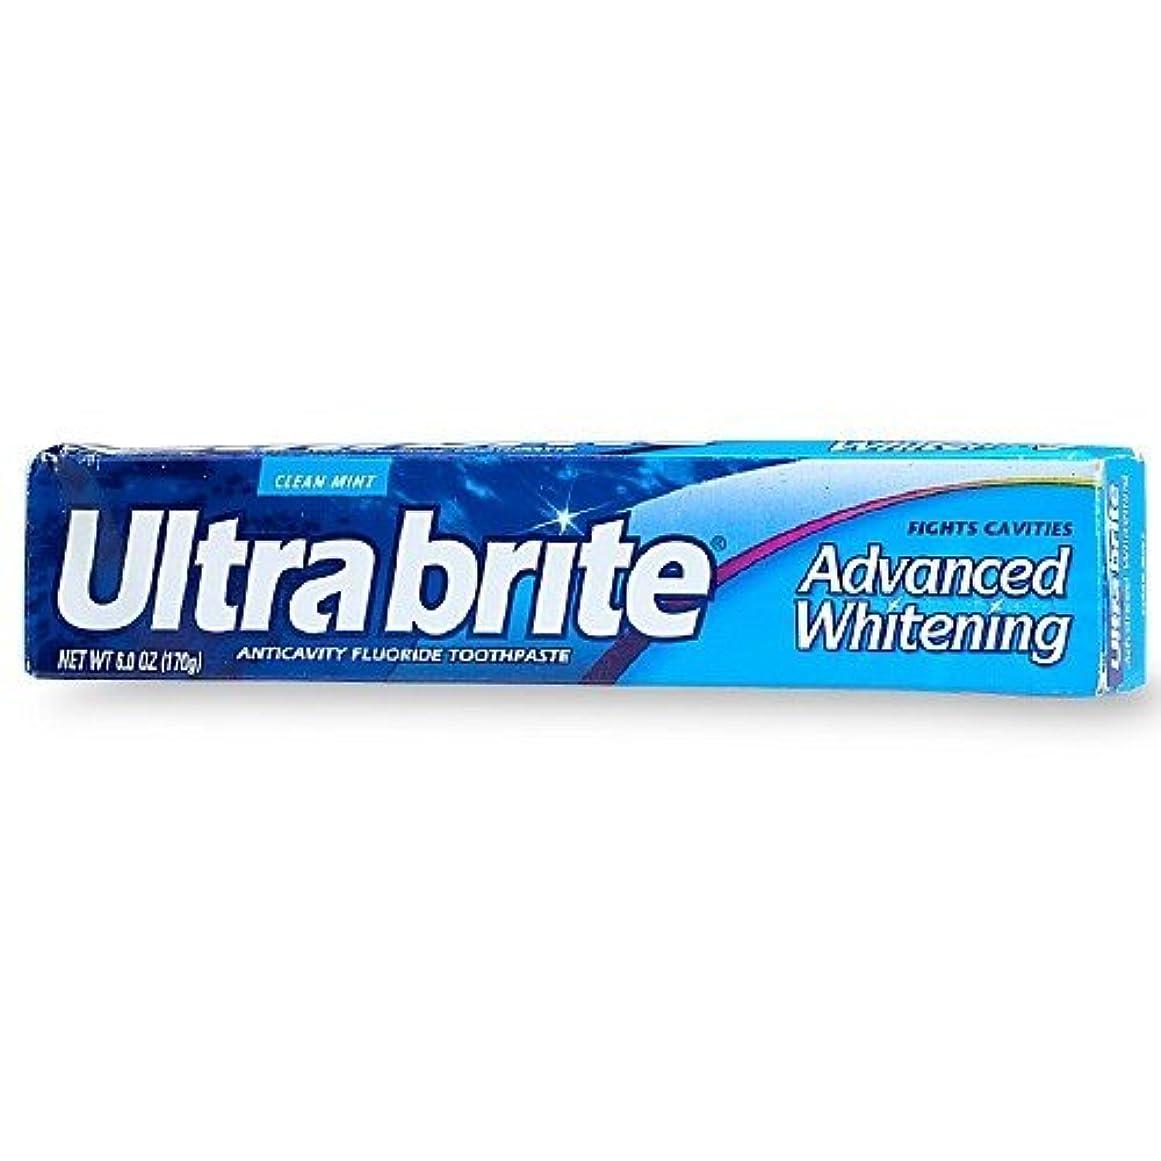 脊椎座標アフリカ海外直送品Colgate Colgate Ultra Brite Advanced Whitening Fluoride Toothpaste, 6 oz (Pack of 3)